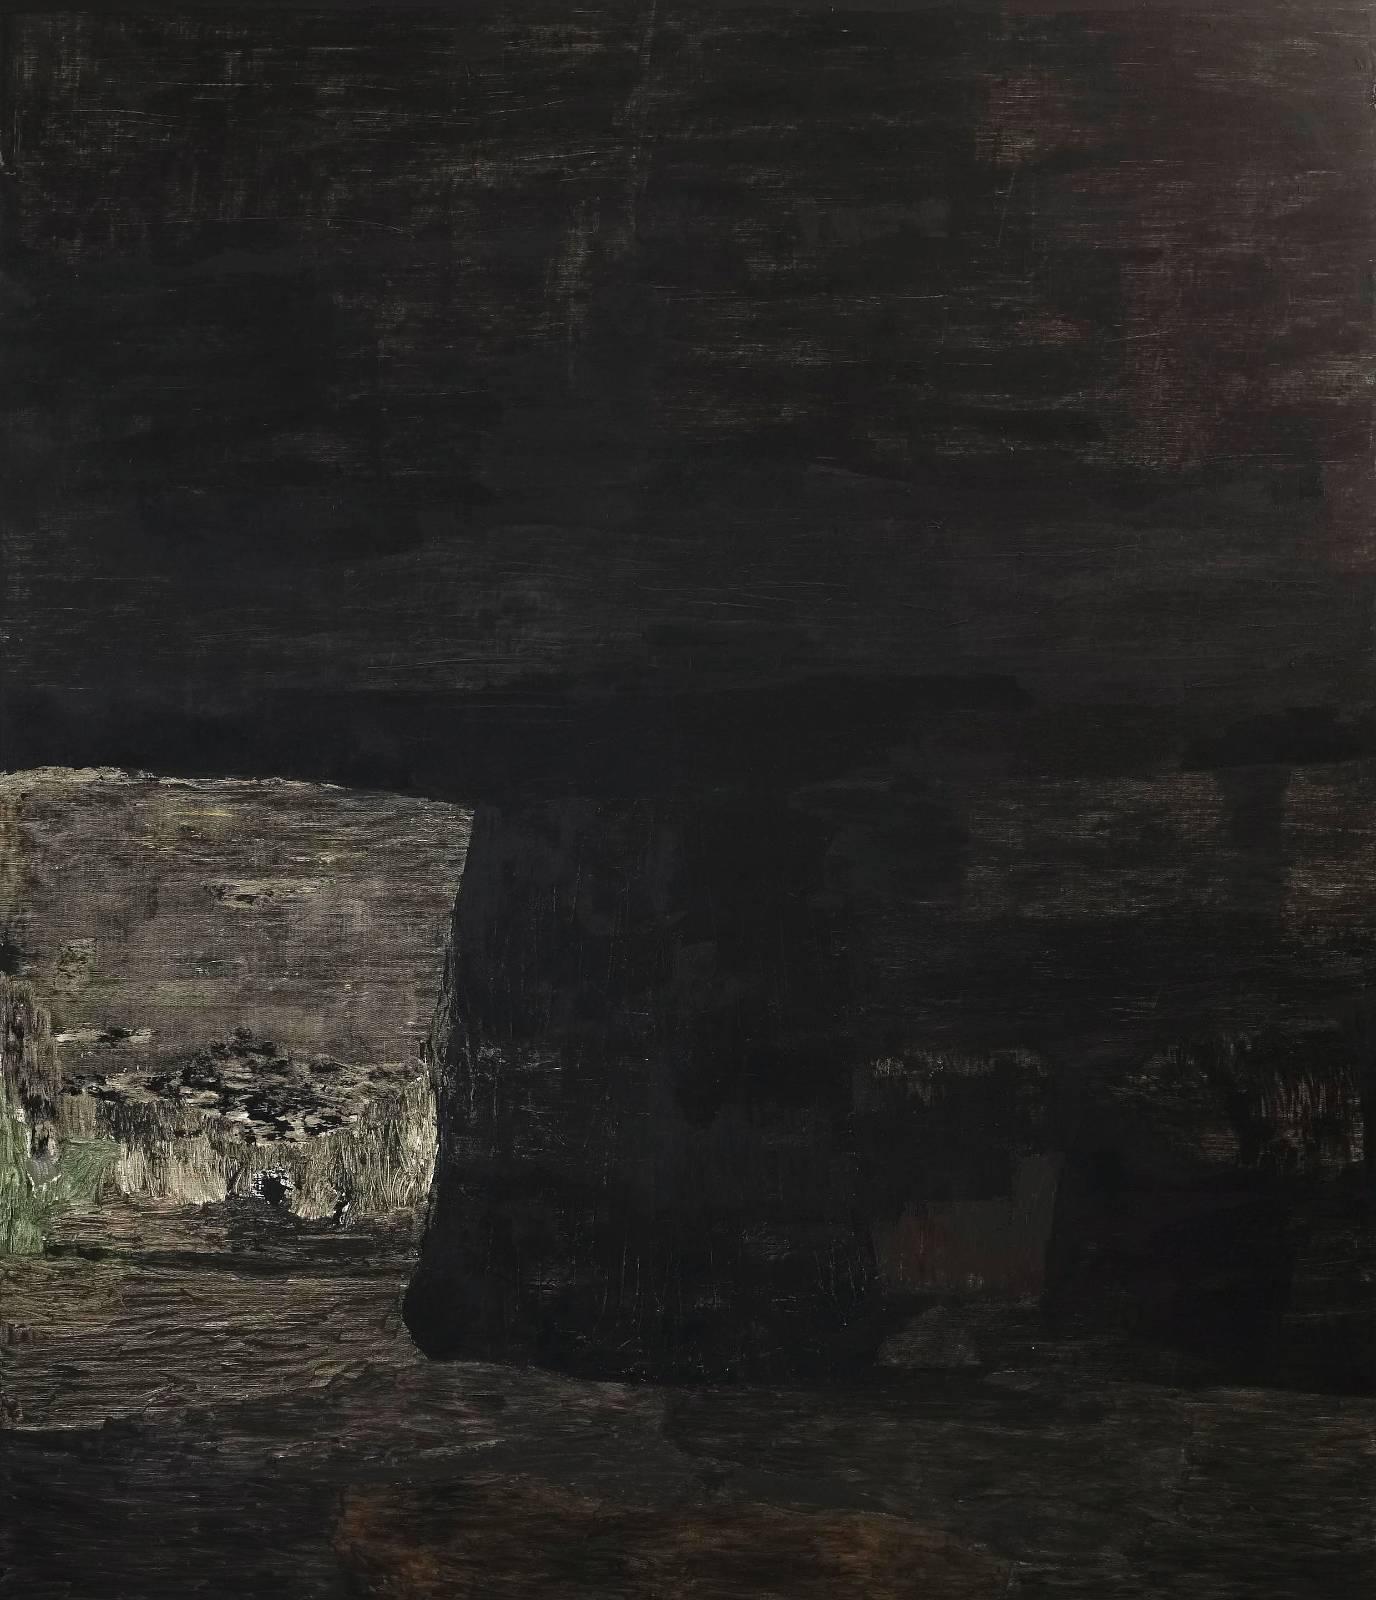 Grotta, 2012, oil on canvas, 303 x 260 cm